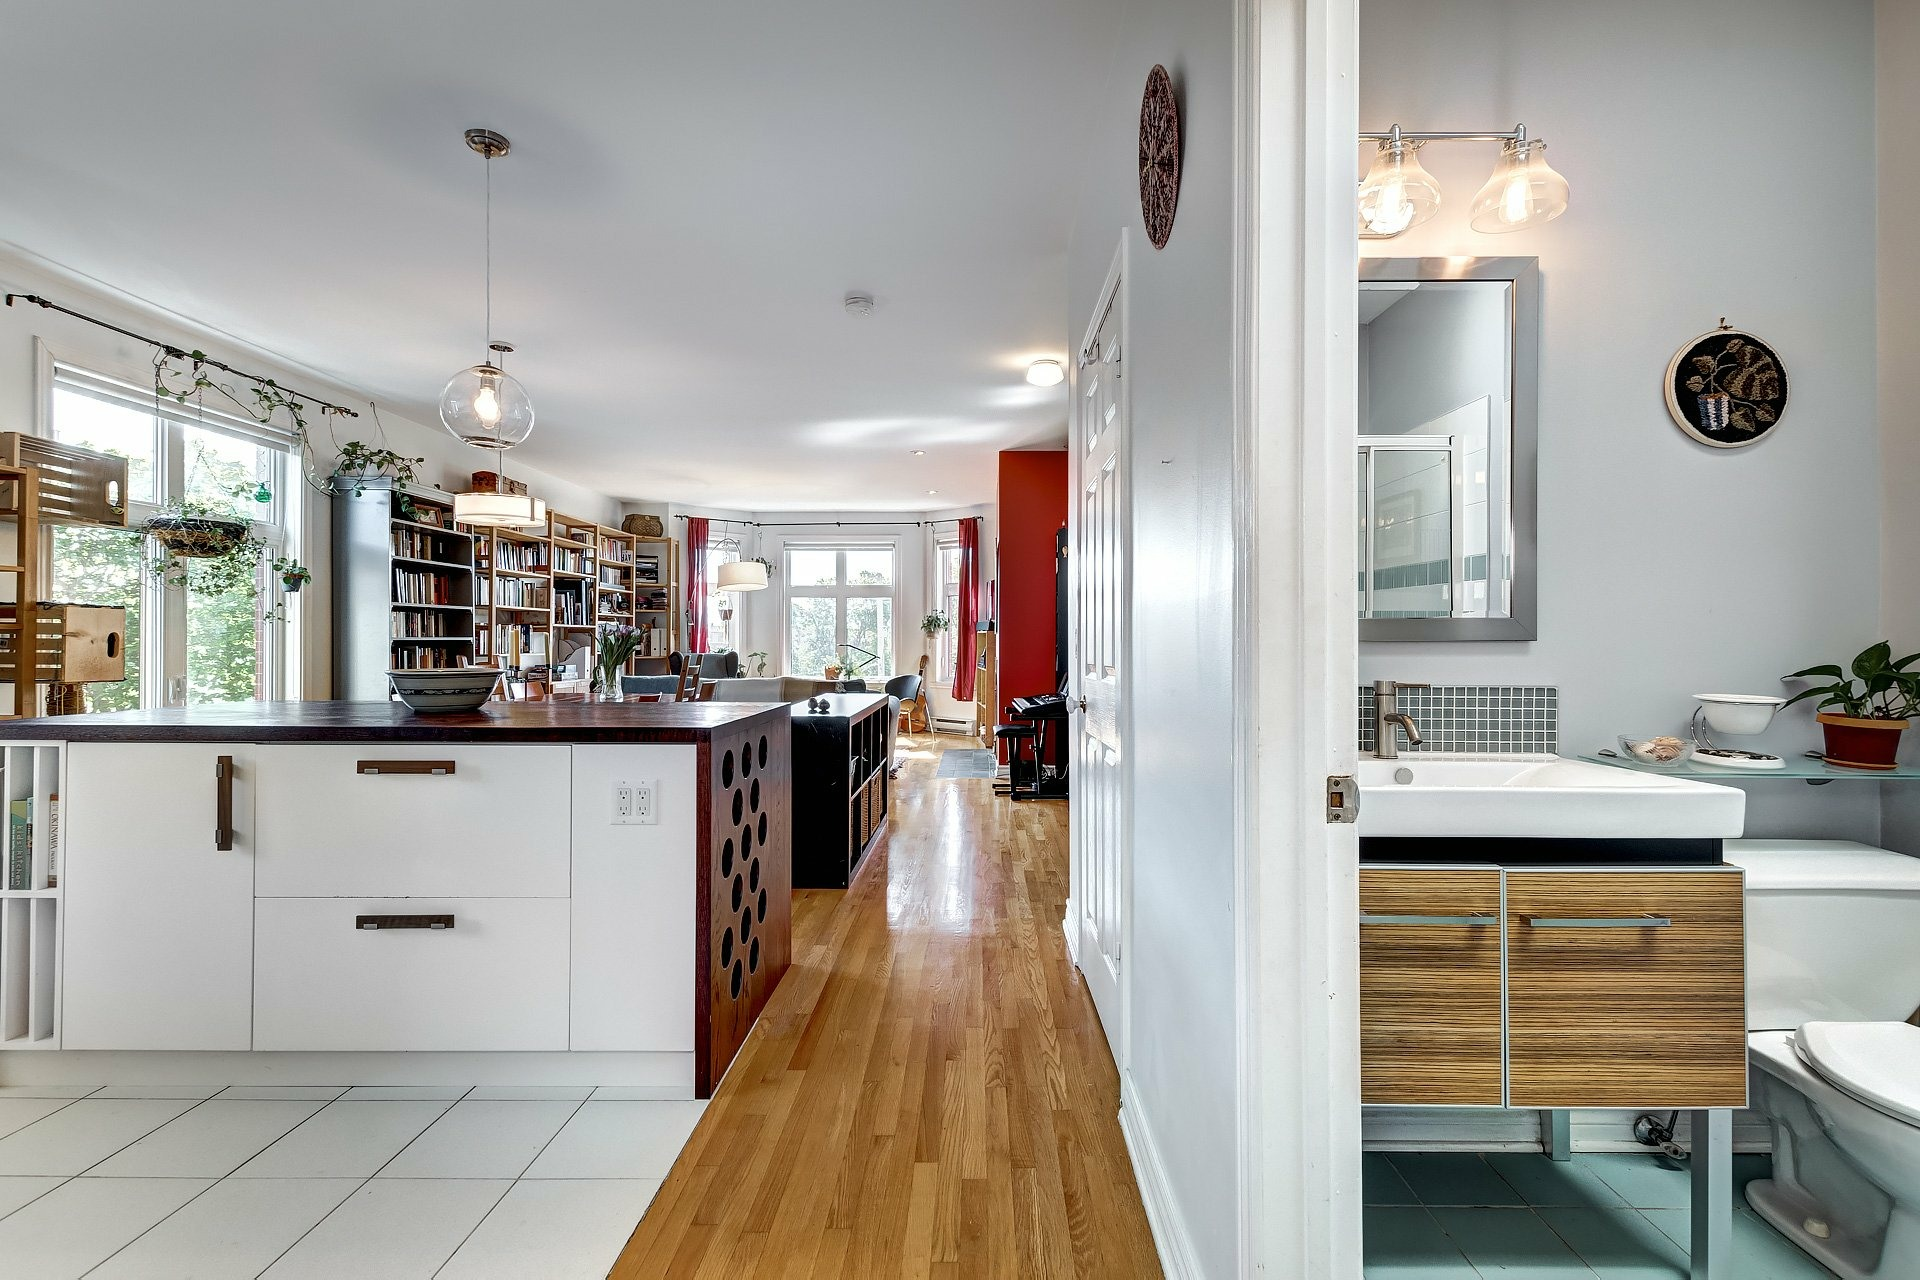 image 8 - Appartement À vendre Outremont Montréal  - 6 pièces